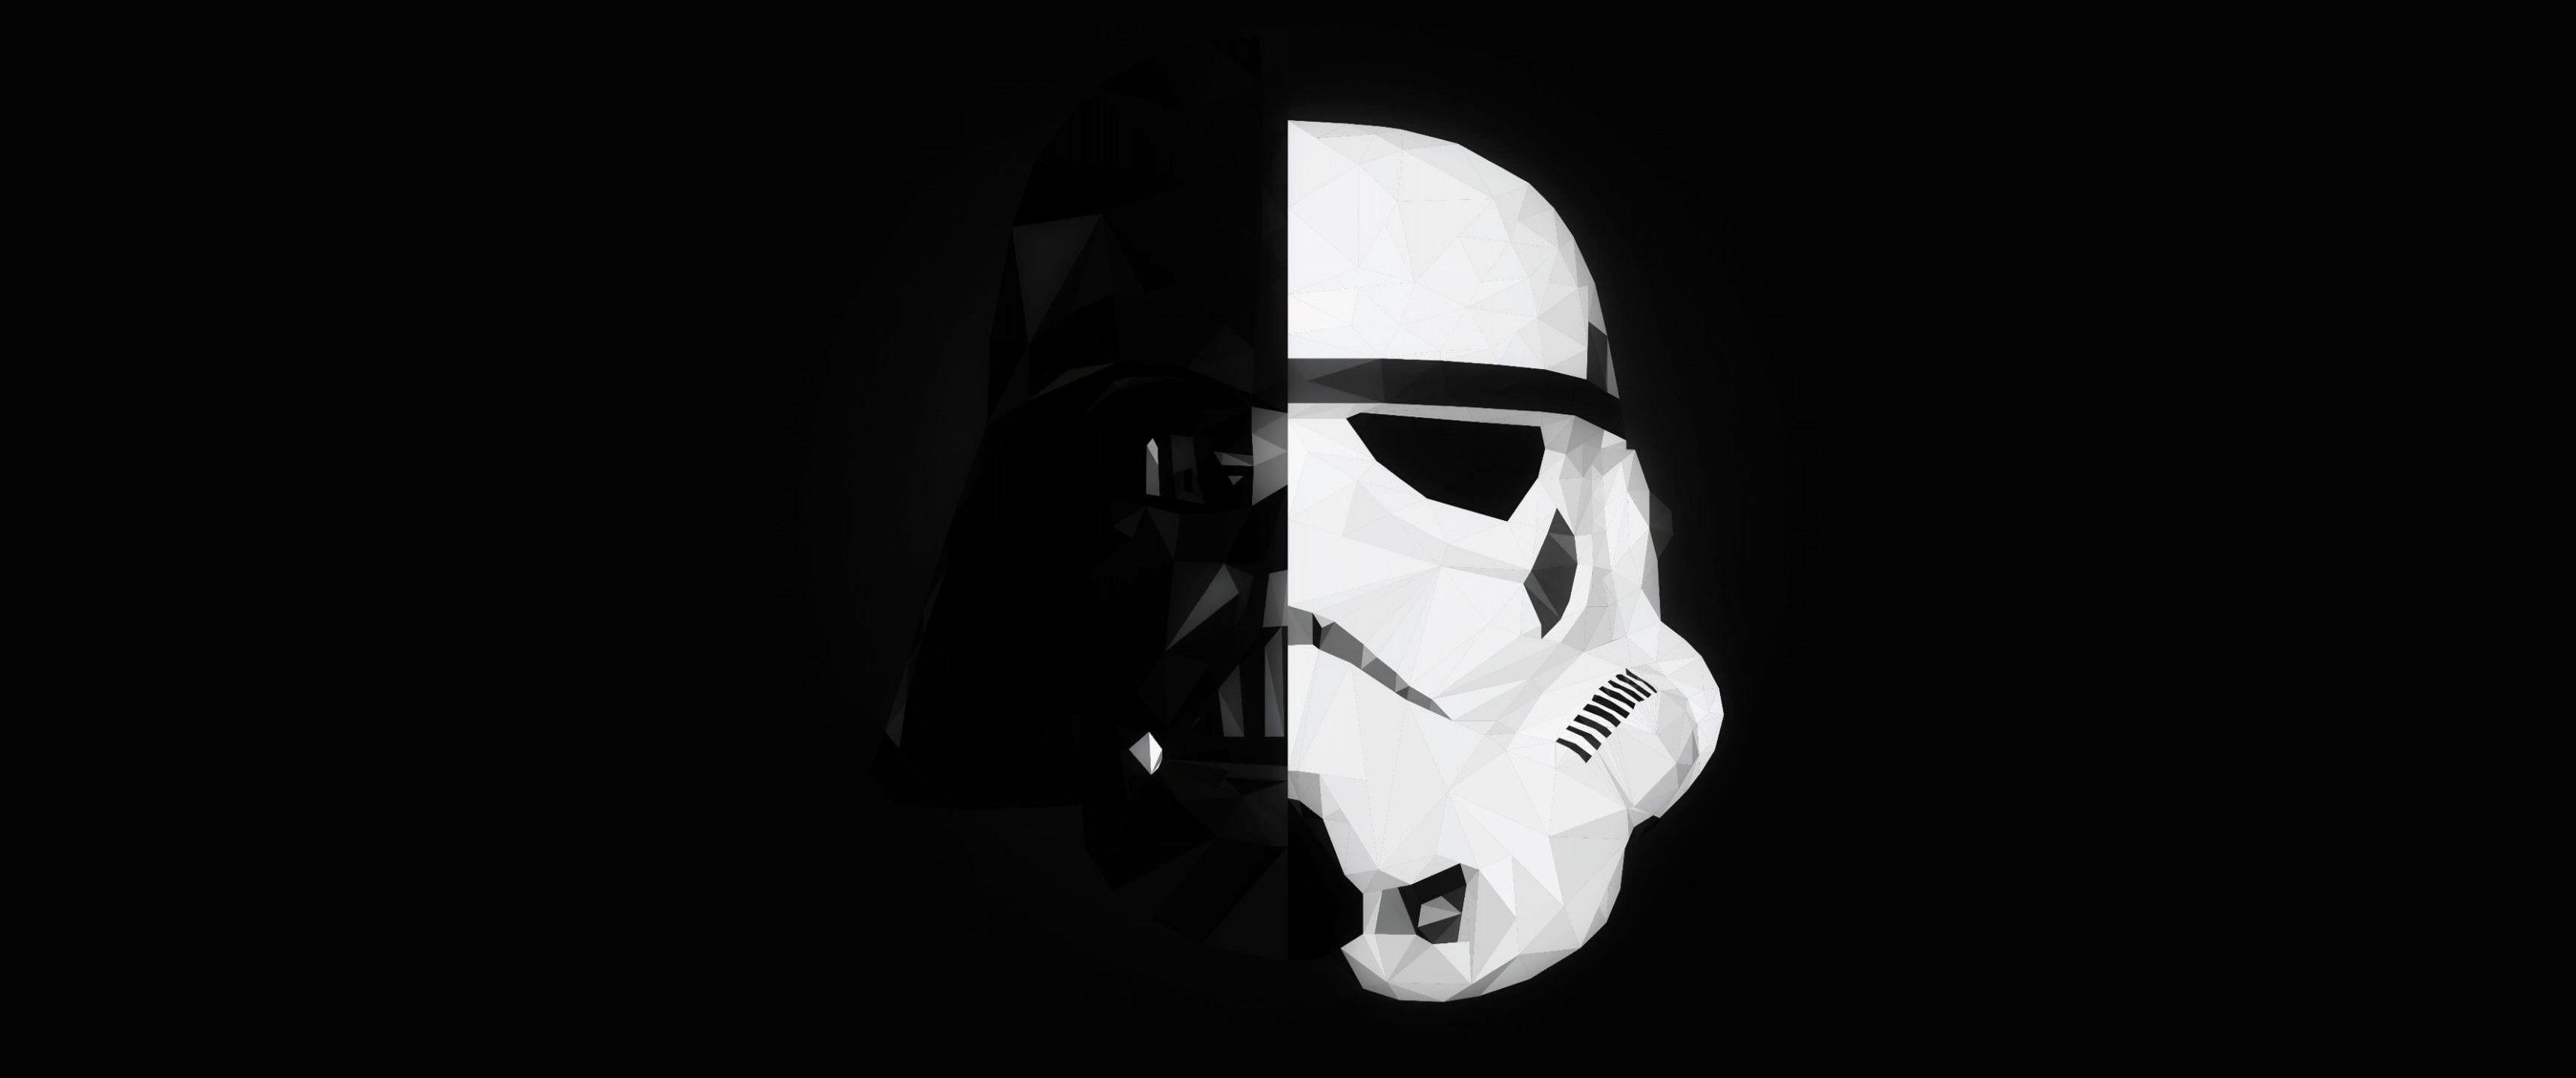 3440x1440 Stormtrooper Hd Wallpaper Dual Monitor Star Wars 3440x1440 Wallpaper Teahub Io